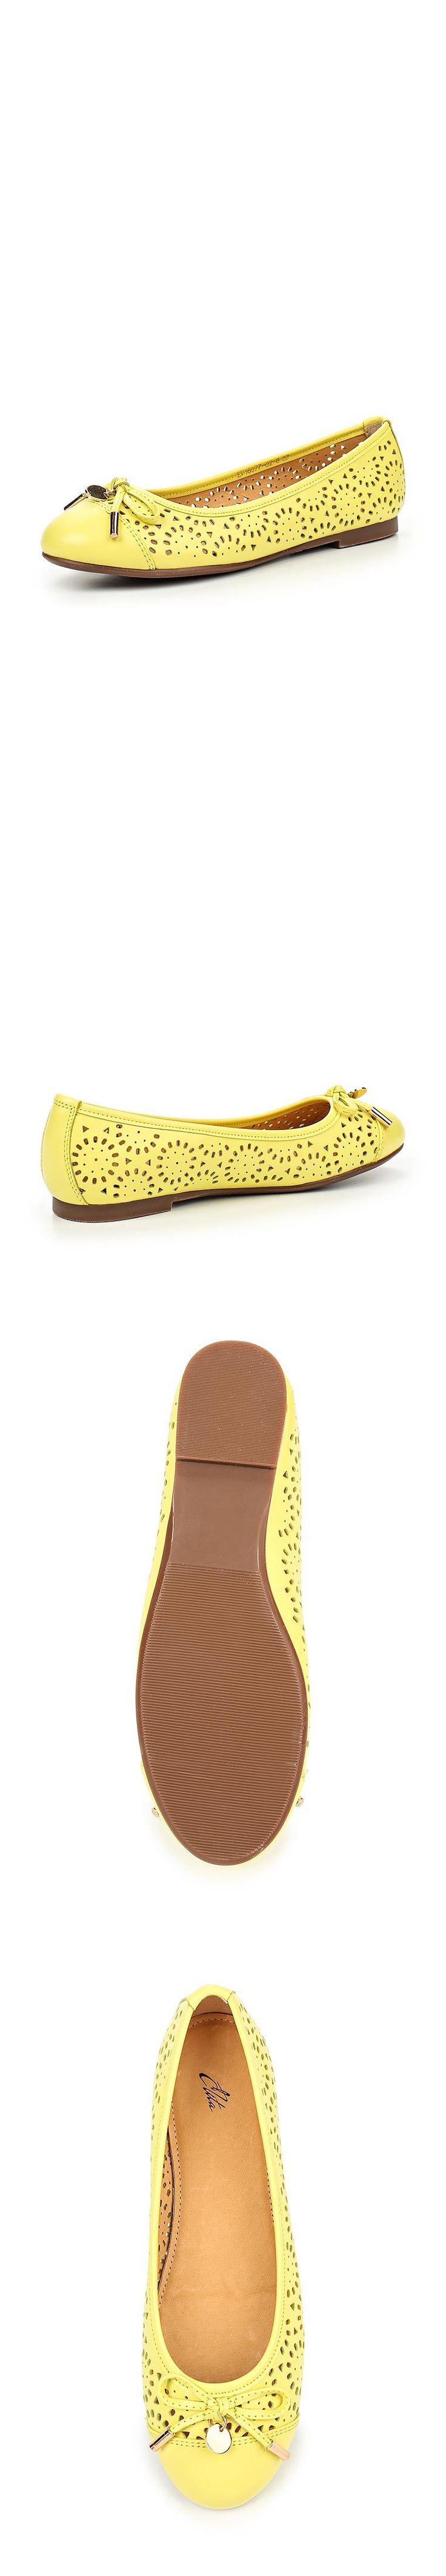 Женская обувь балетки Elita за 5240.00 руб.